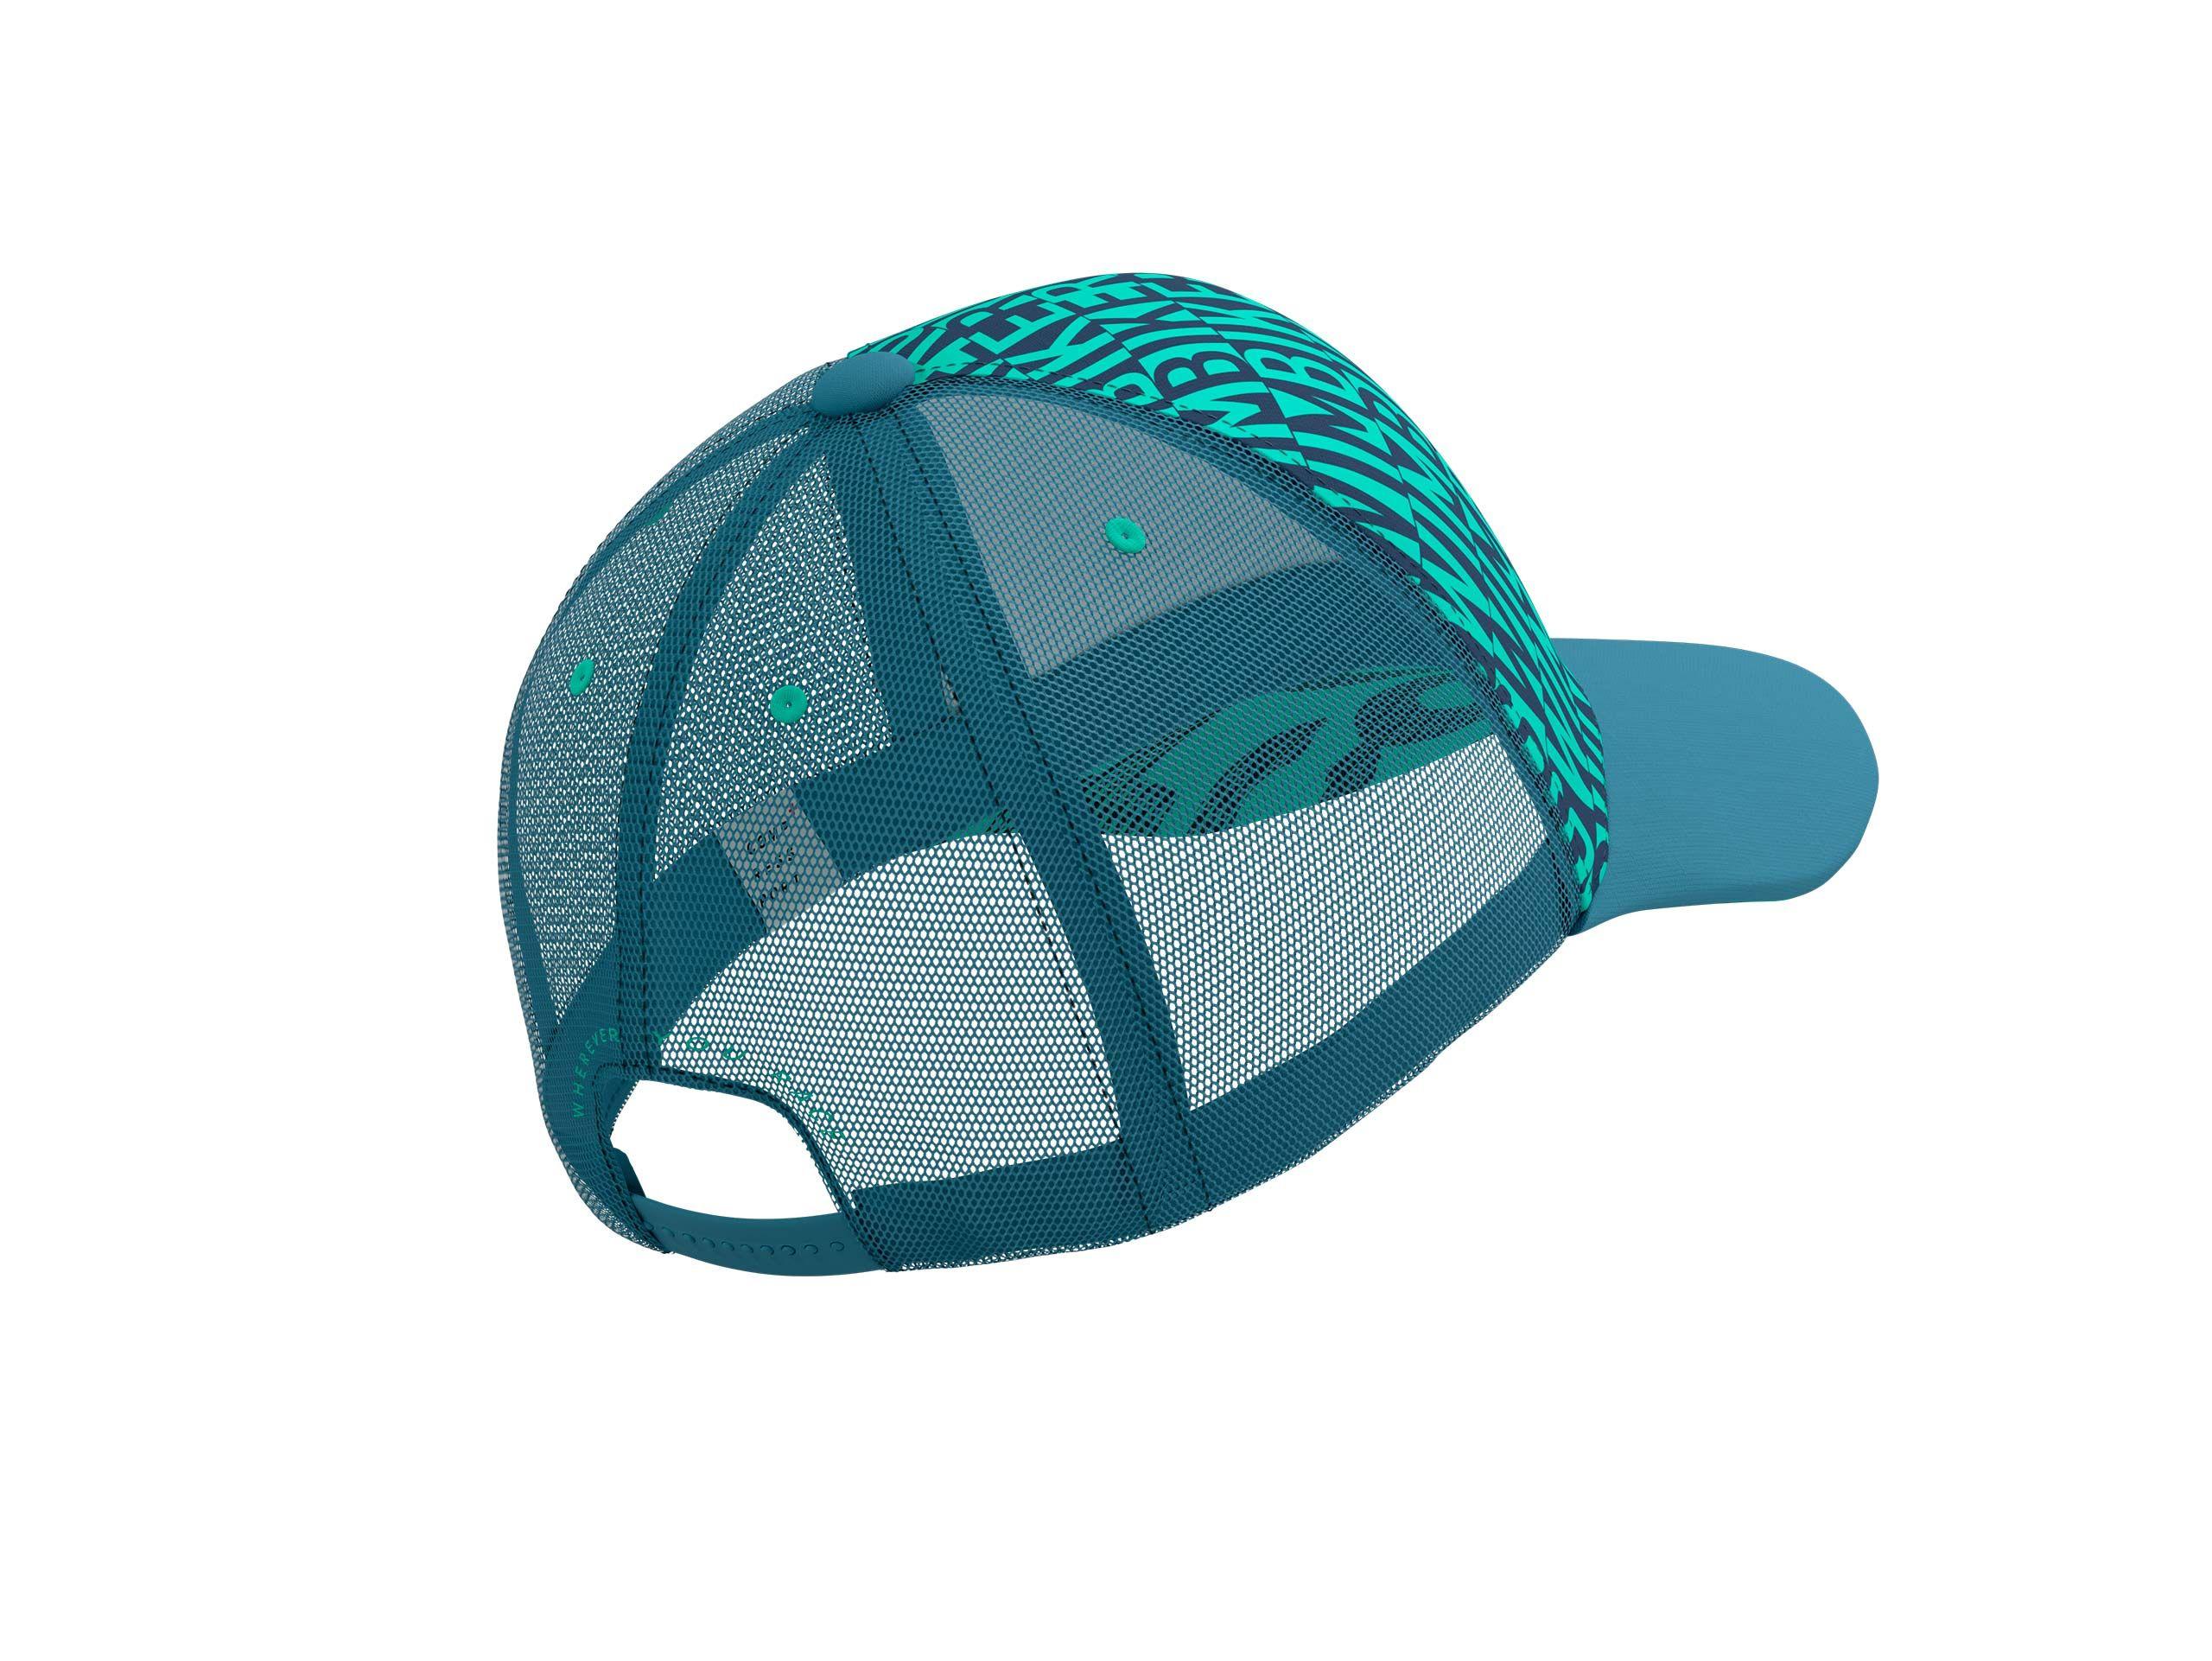 Trucker Cap - Born To SwimBikeRun 2021 MOONLIT OCEAN